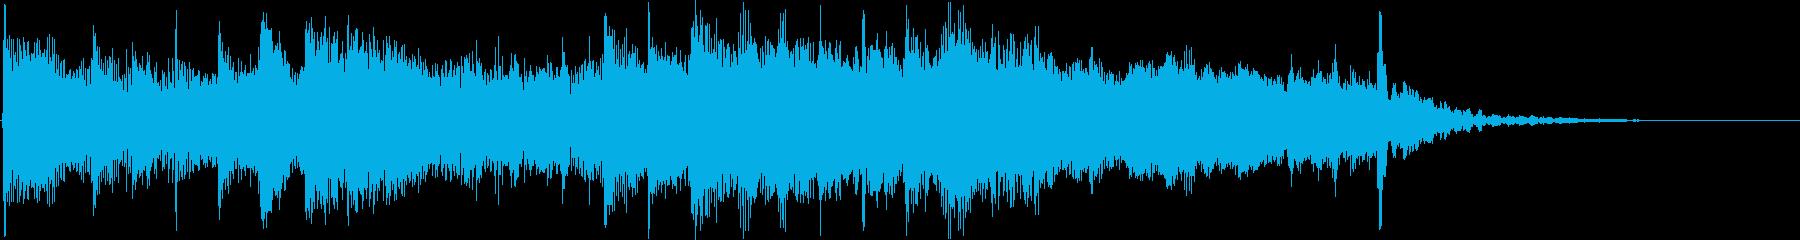 夜を意識した短いシーン効果音です。の再生済みの波形